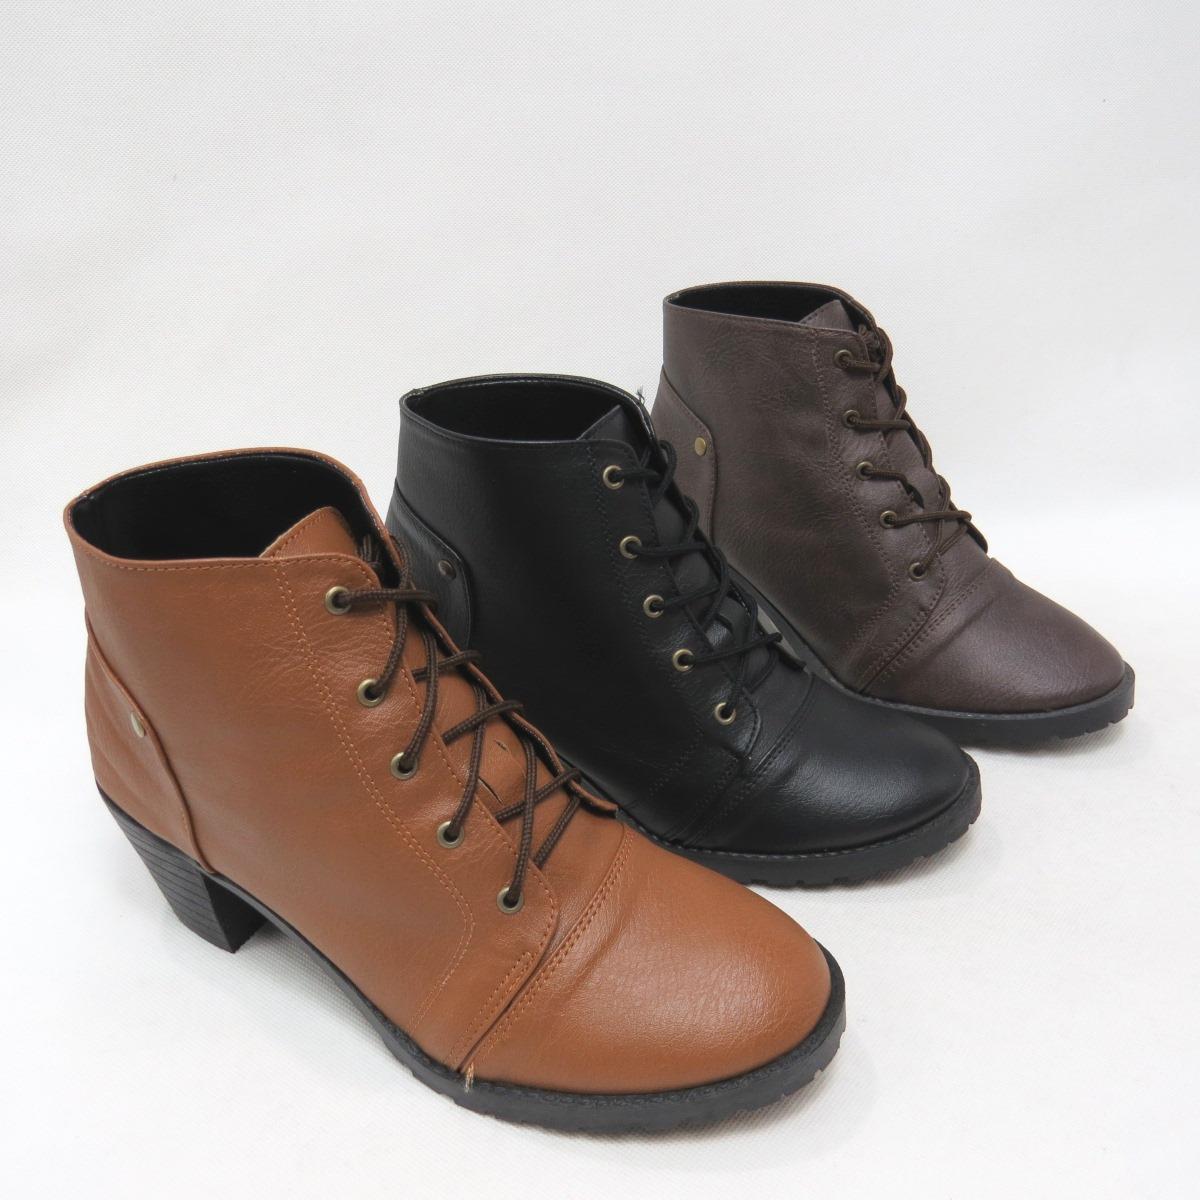 *免運*短靴 素面綁帶短粗跟踝靴15-6123(咖/黑/棕)*[彩虹屋]* 現+預